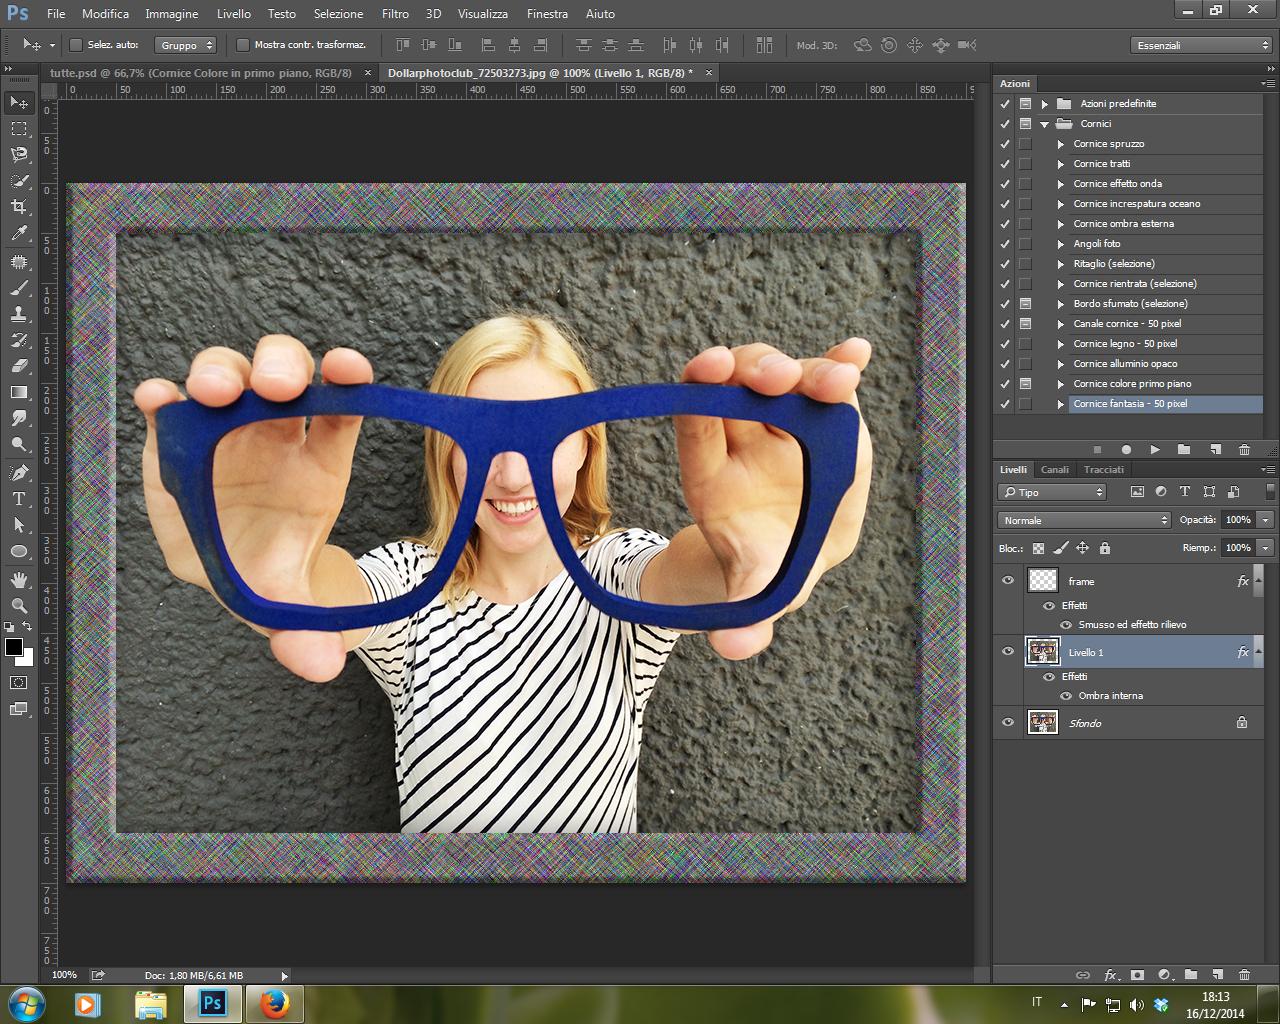 Azione Cornice Fantasia 50 px Photoshop CC 2014